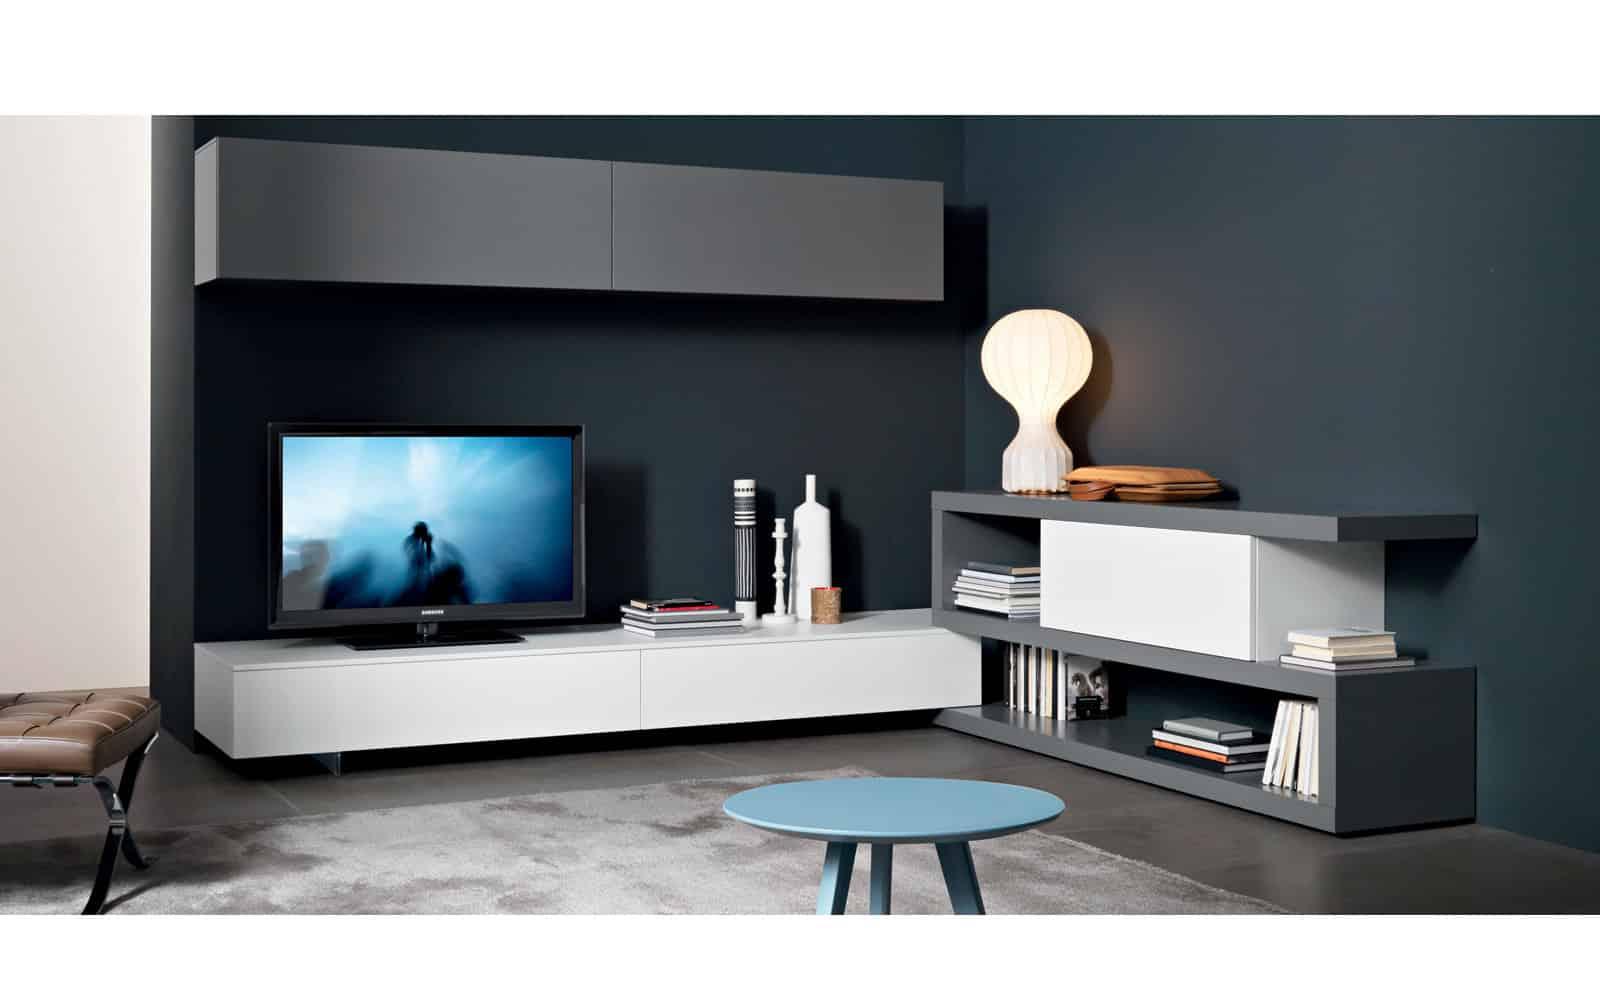 tv m bel uber eck kreative ideen ber home design. Black Bedroom Furniture Sets. Home Design Ideas